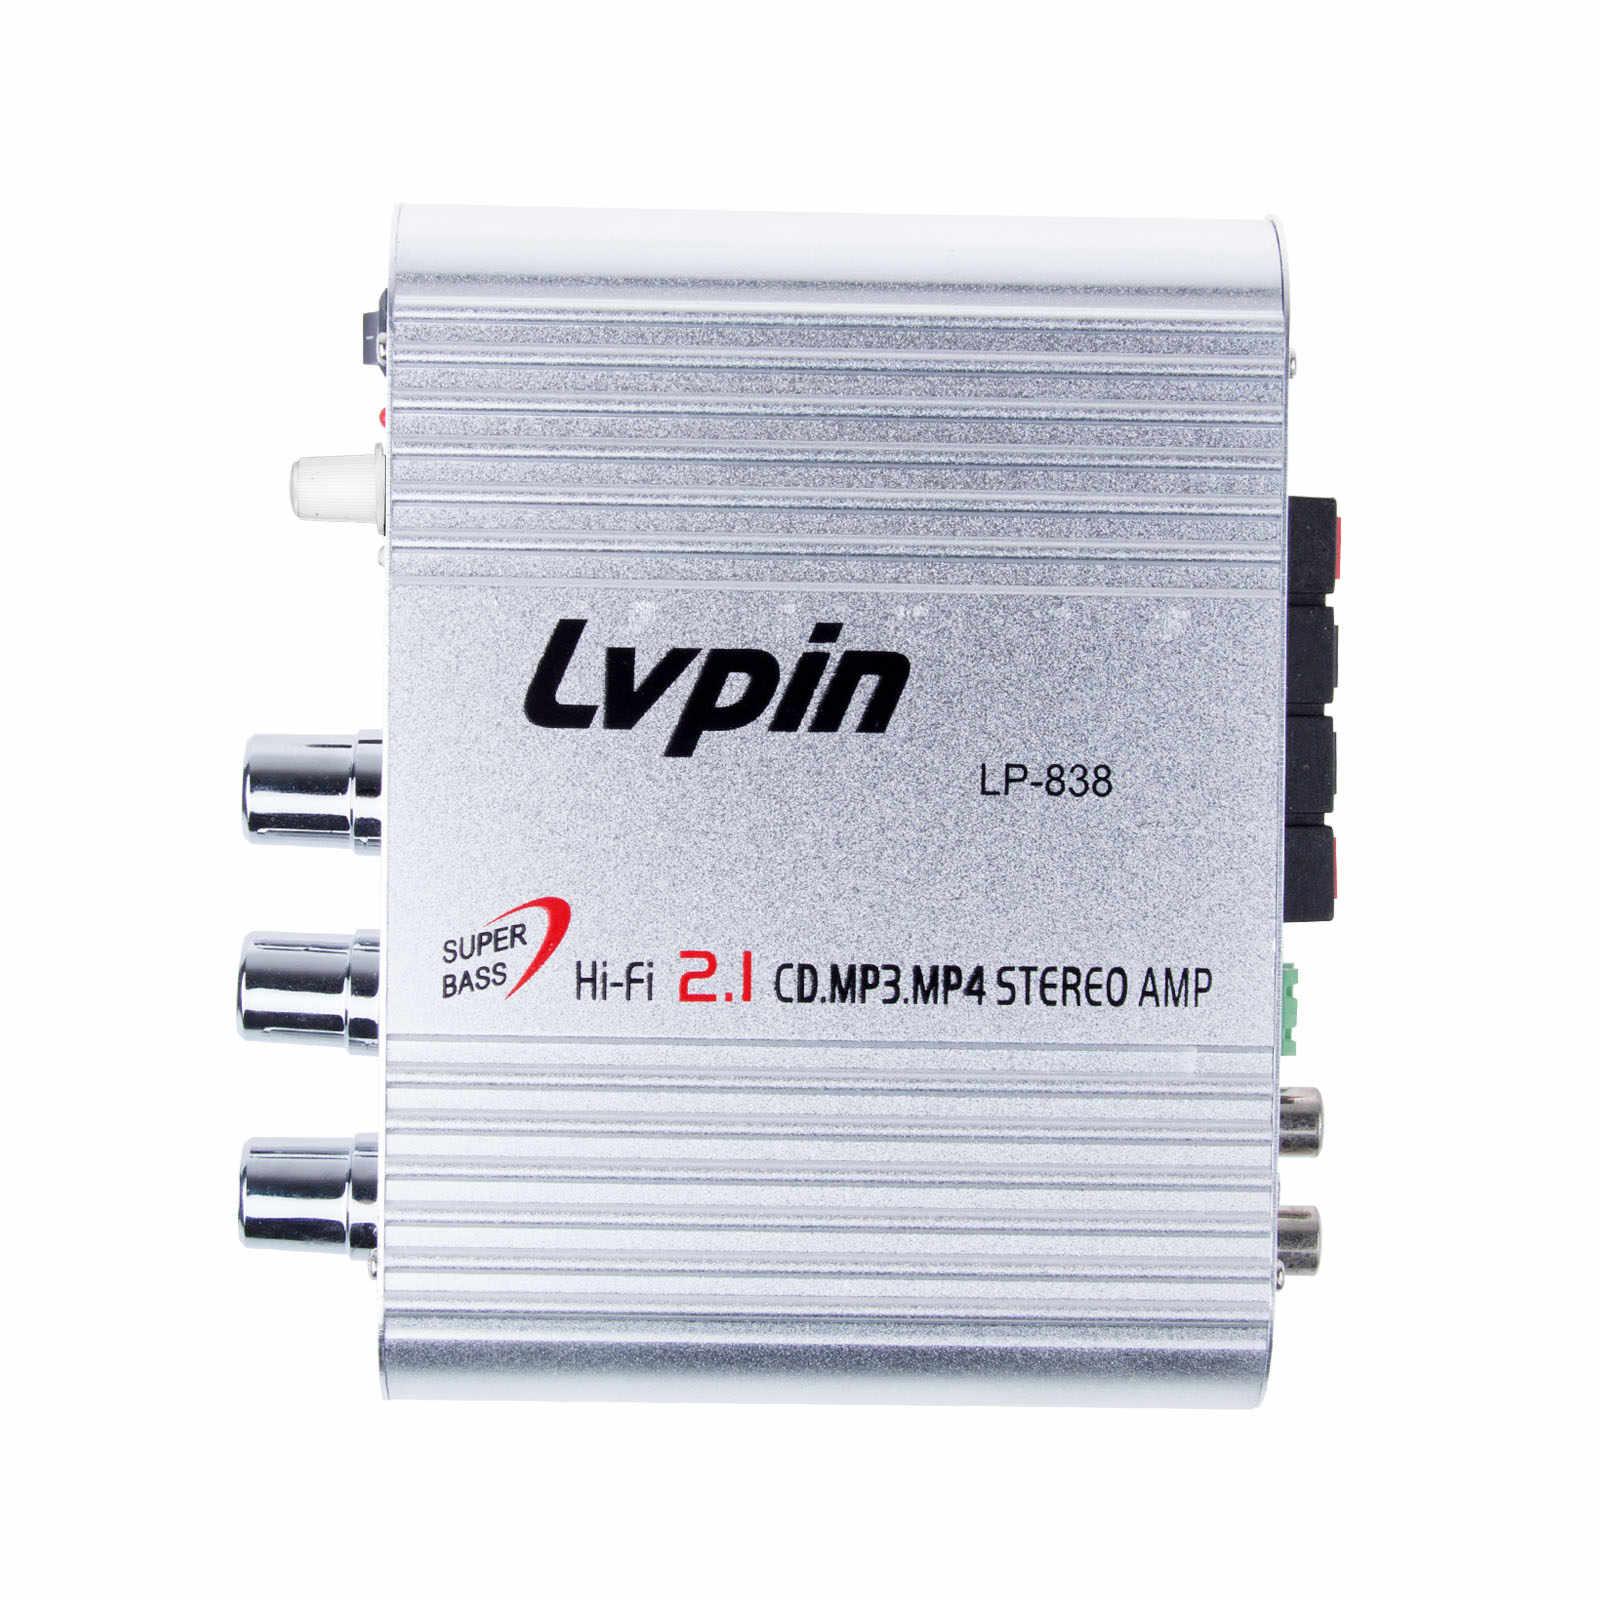 ONEVER автомобильный усилитель 12 V Мини Hi-Fi 2,1 автомобильный усилитель MP3 MP4 стерео аудио плеер Авто звуковой разъем Усилитель-сабвуфер